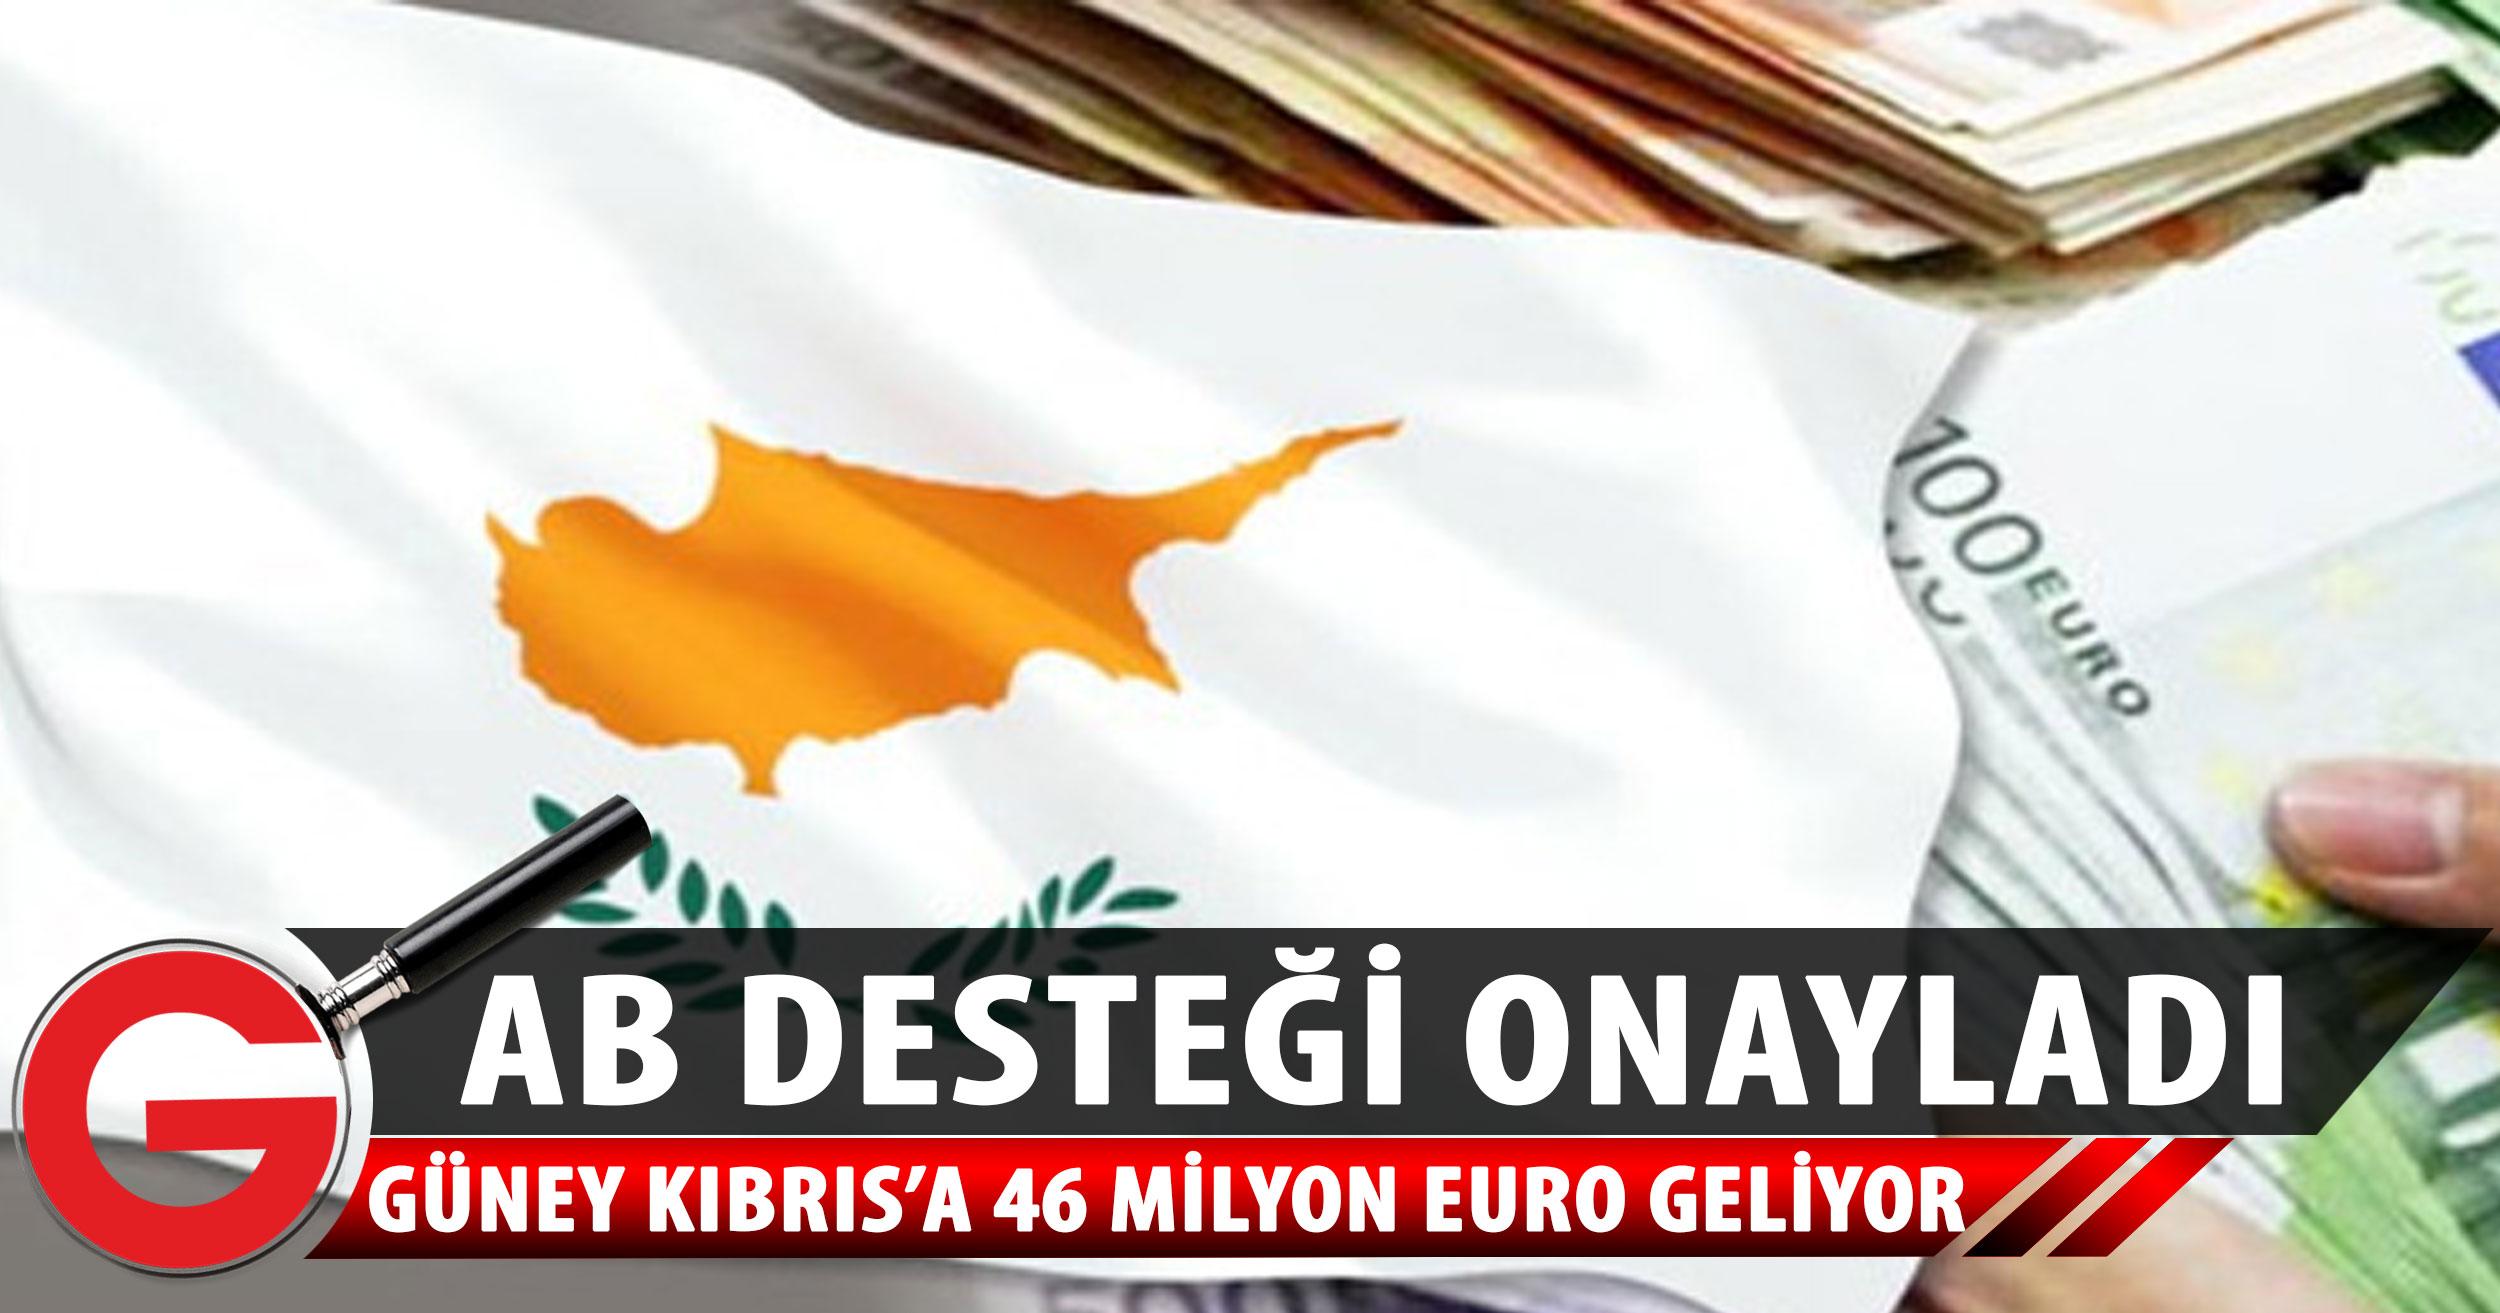 Güney Kıbrıs ekonomisine 46 milyon euroluk destek